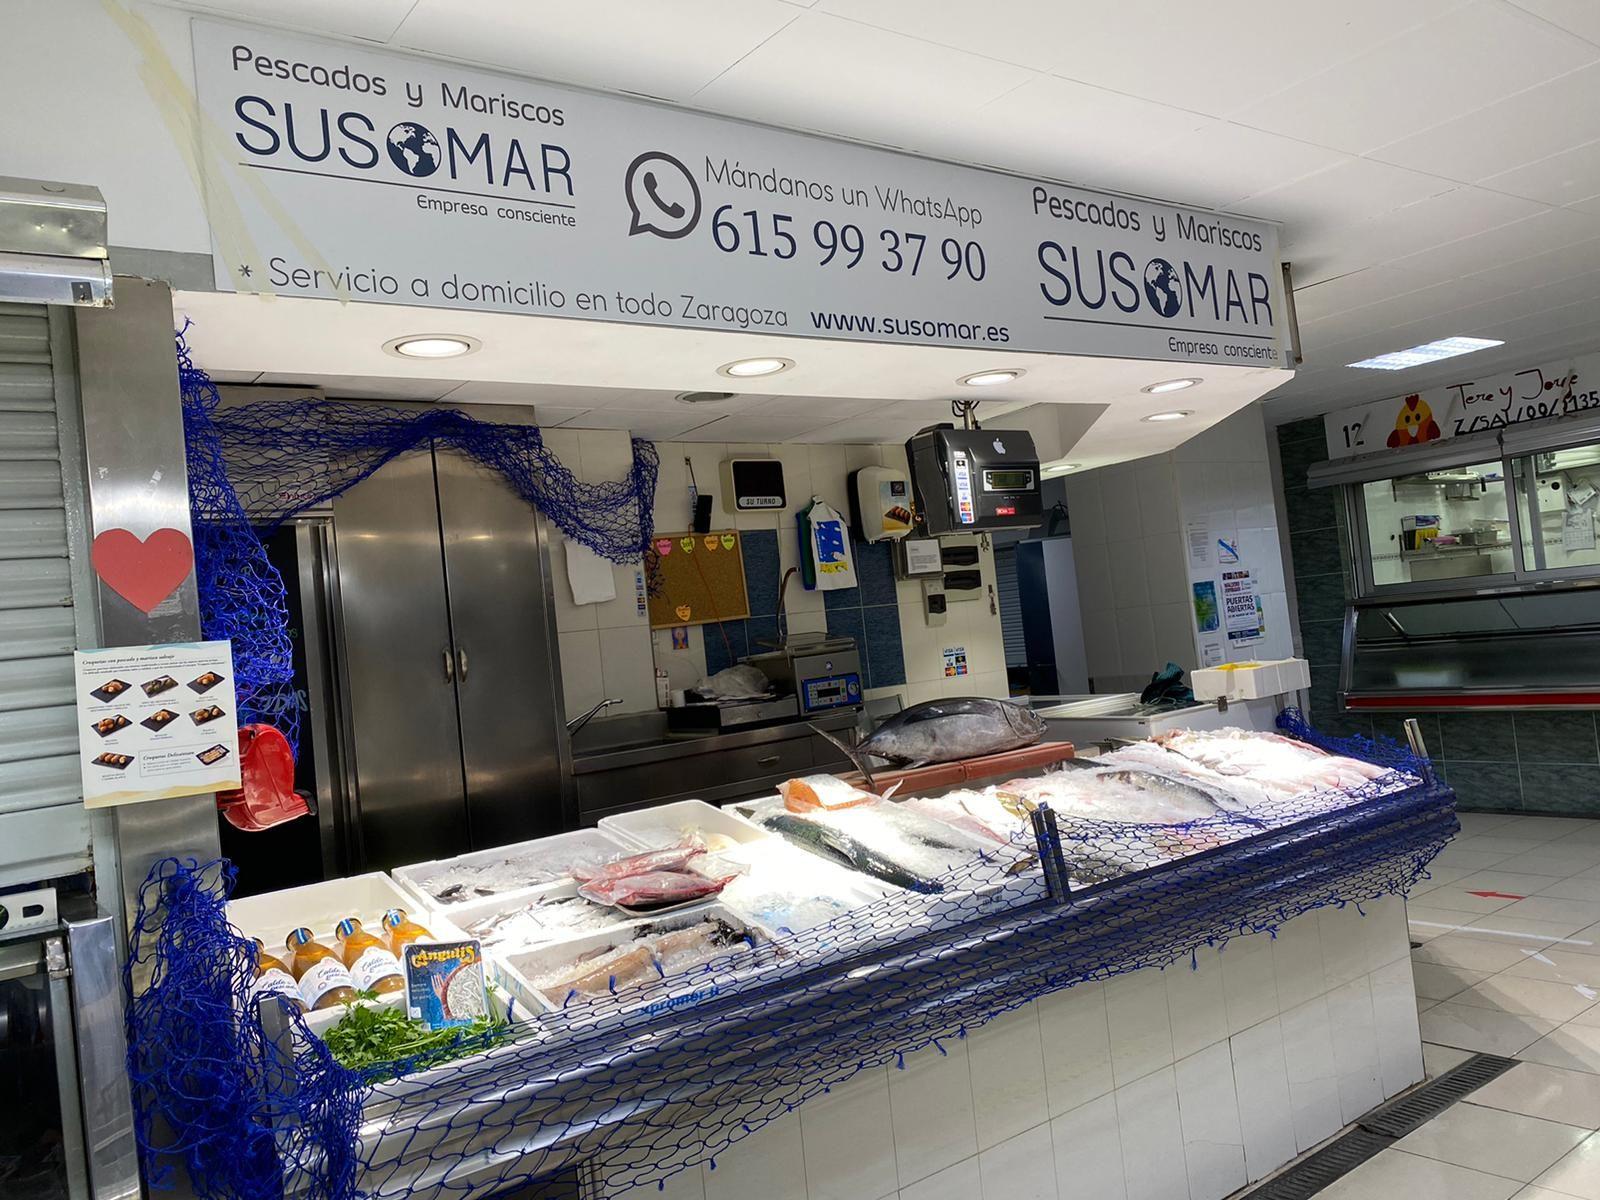 Pescadería Susomar - Mercado Casablanca en Zaragoza